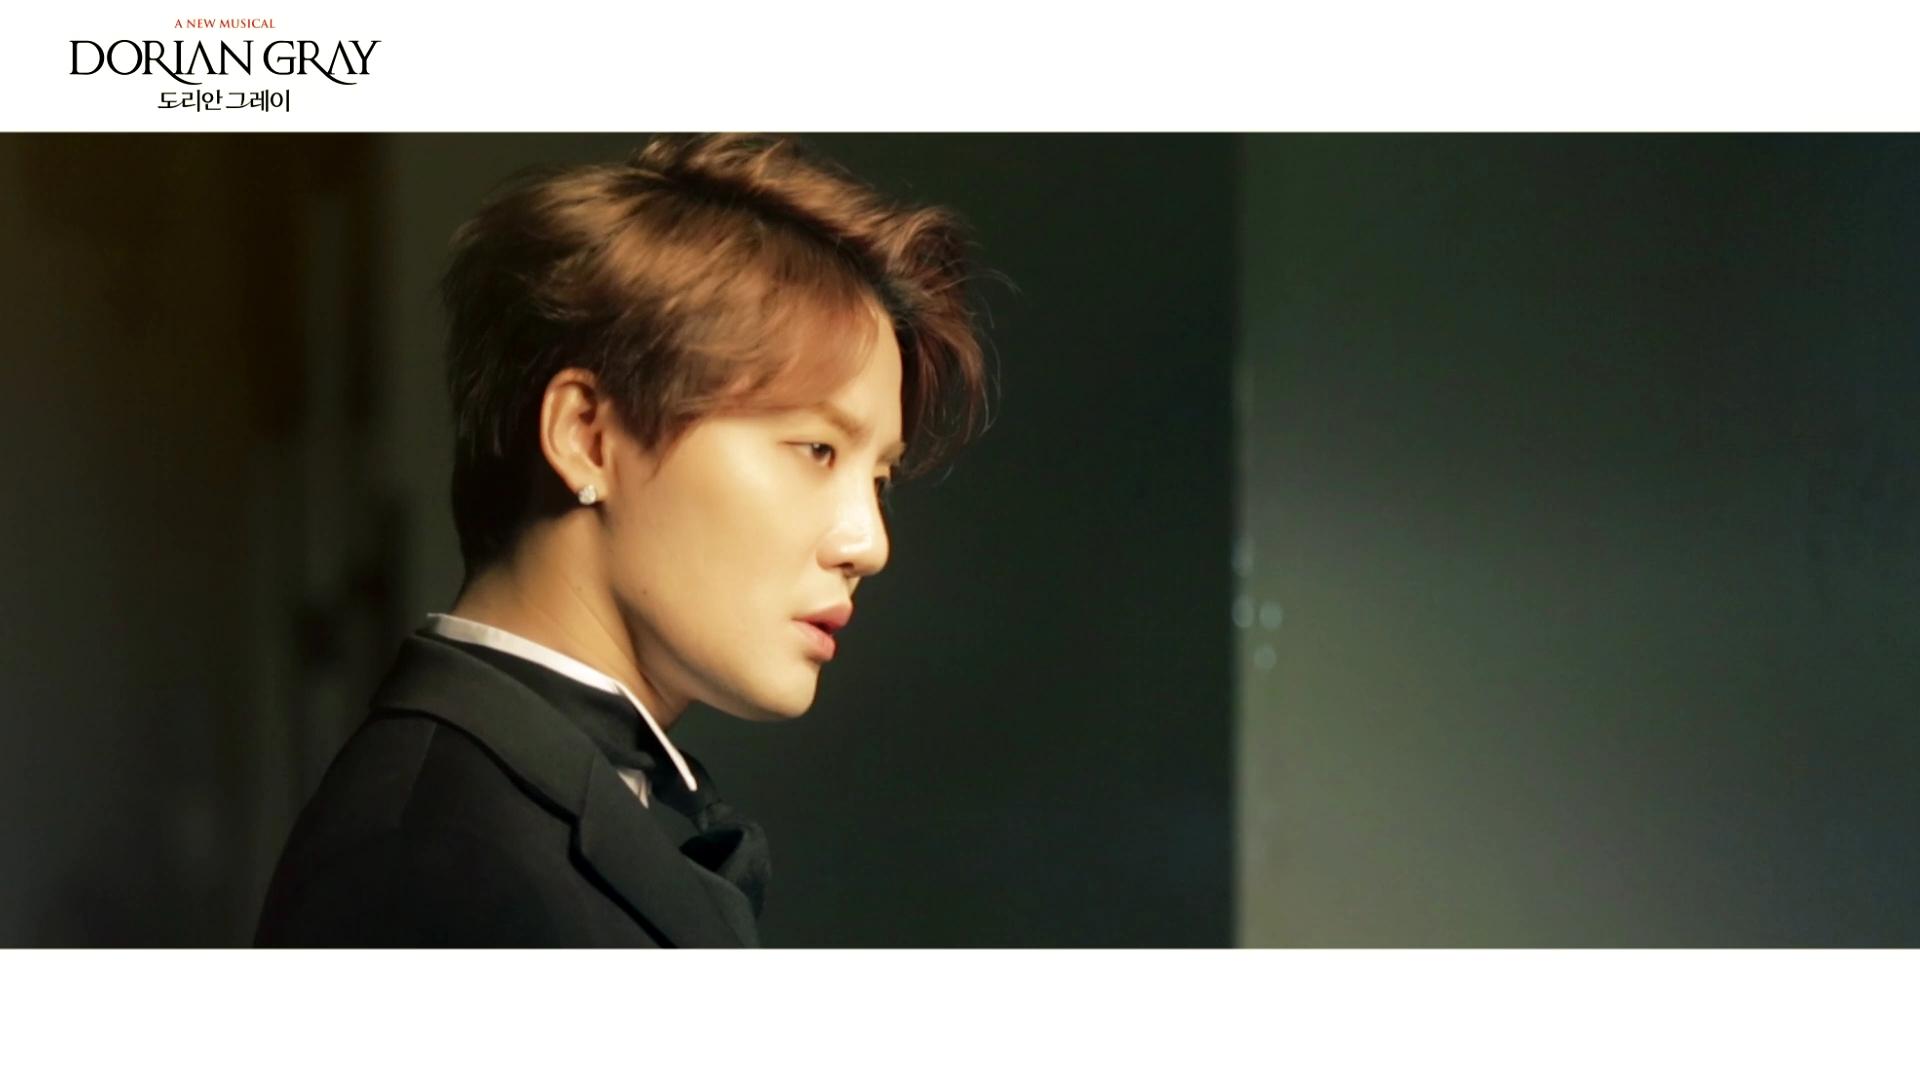 뮤지컬 <도리안 그레이> - Making film 공개